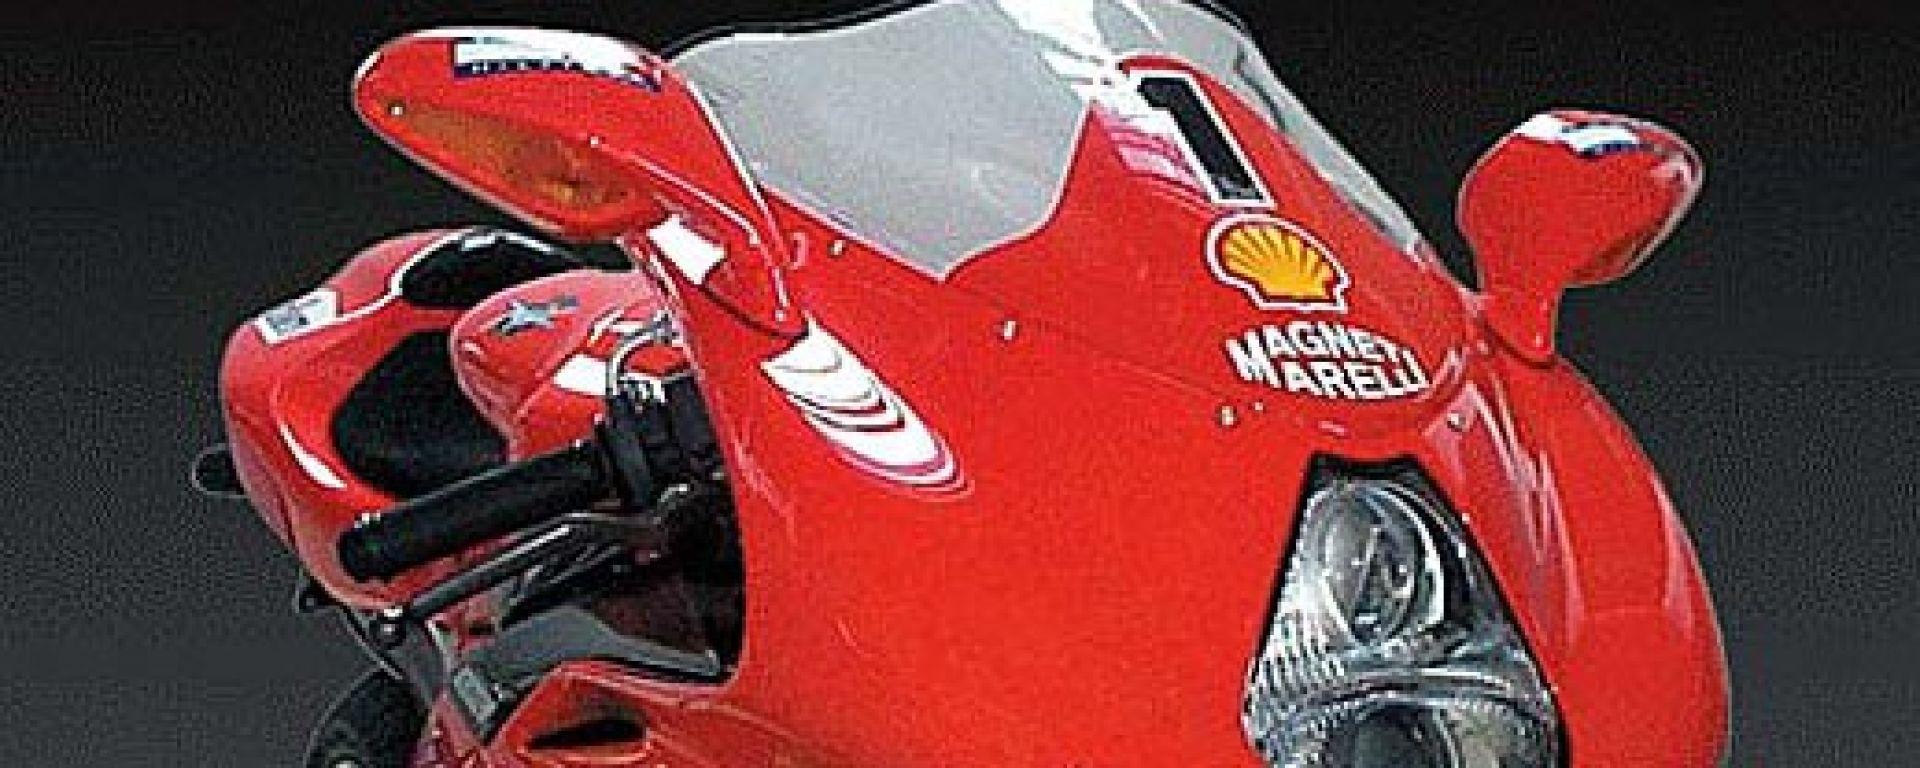 Una Ferrari a due ruote